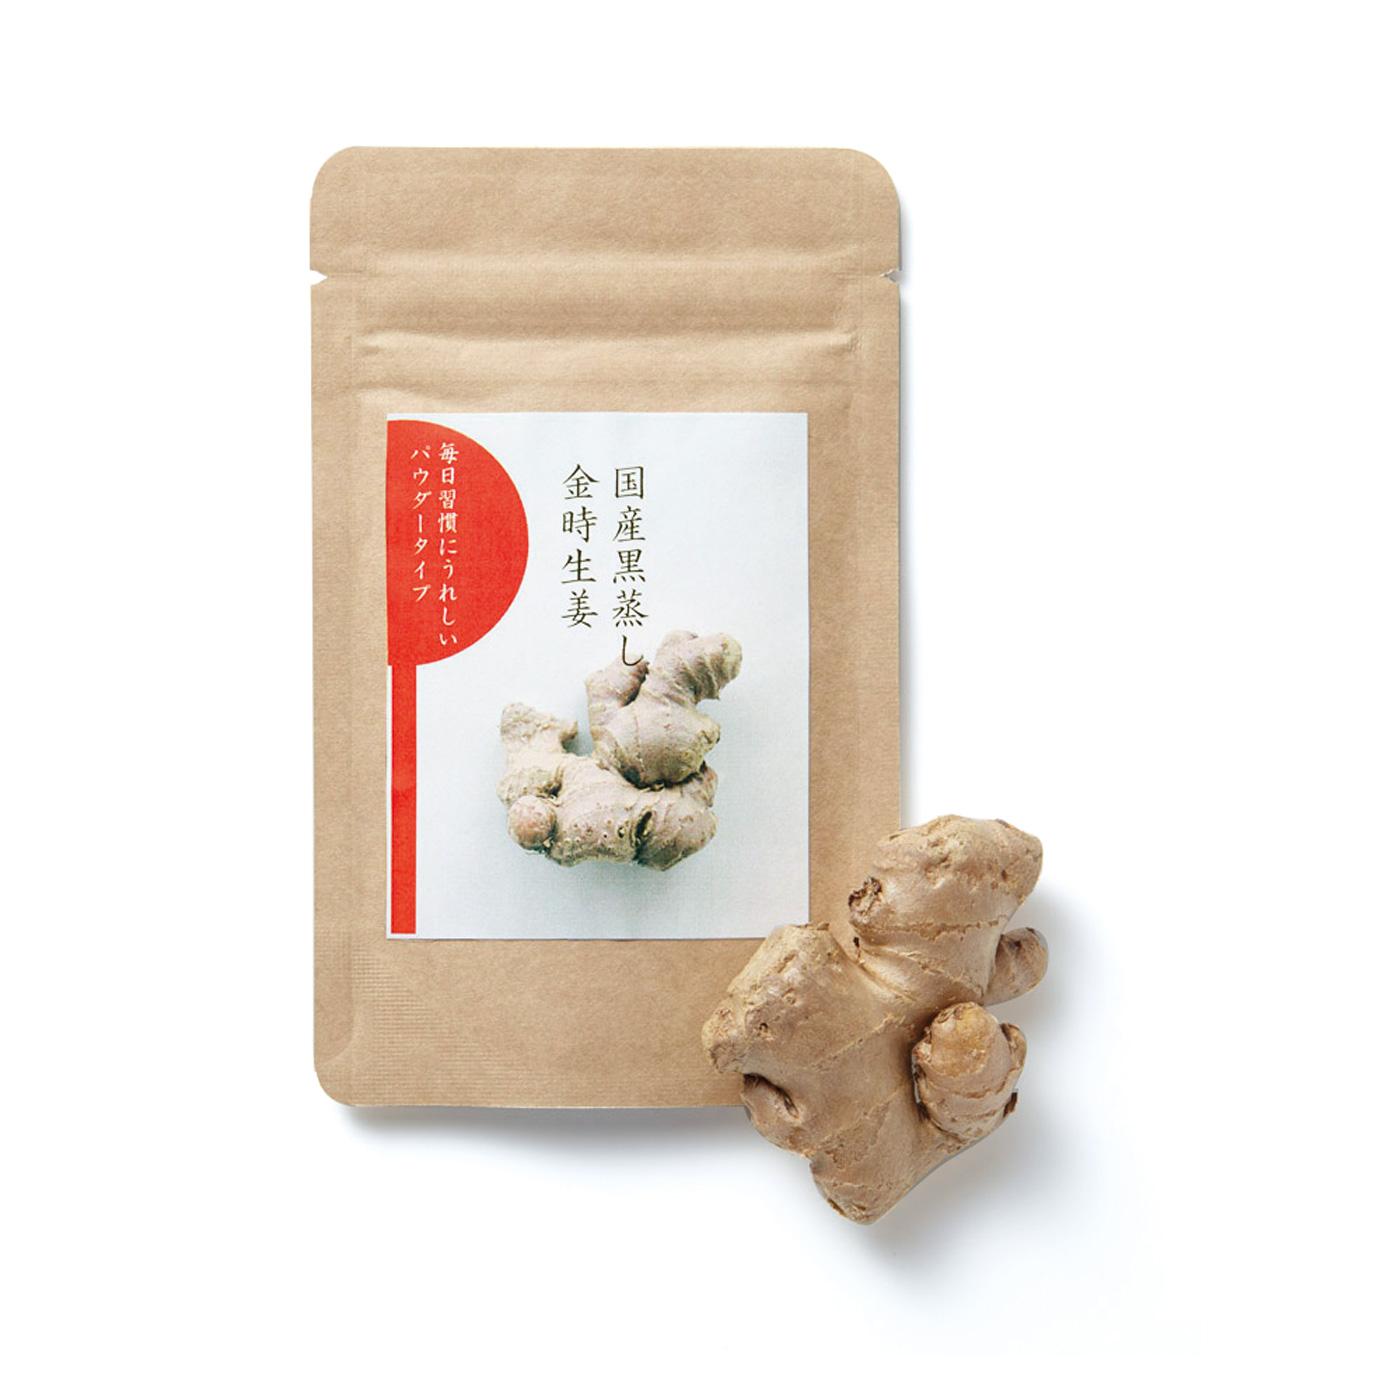 フェリシモ 毎日ひとさじ! 食習慣を変える 国産黒蒸し金時生姜(しょうが)パウダーの会